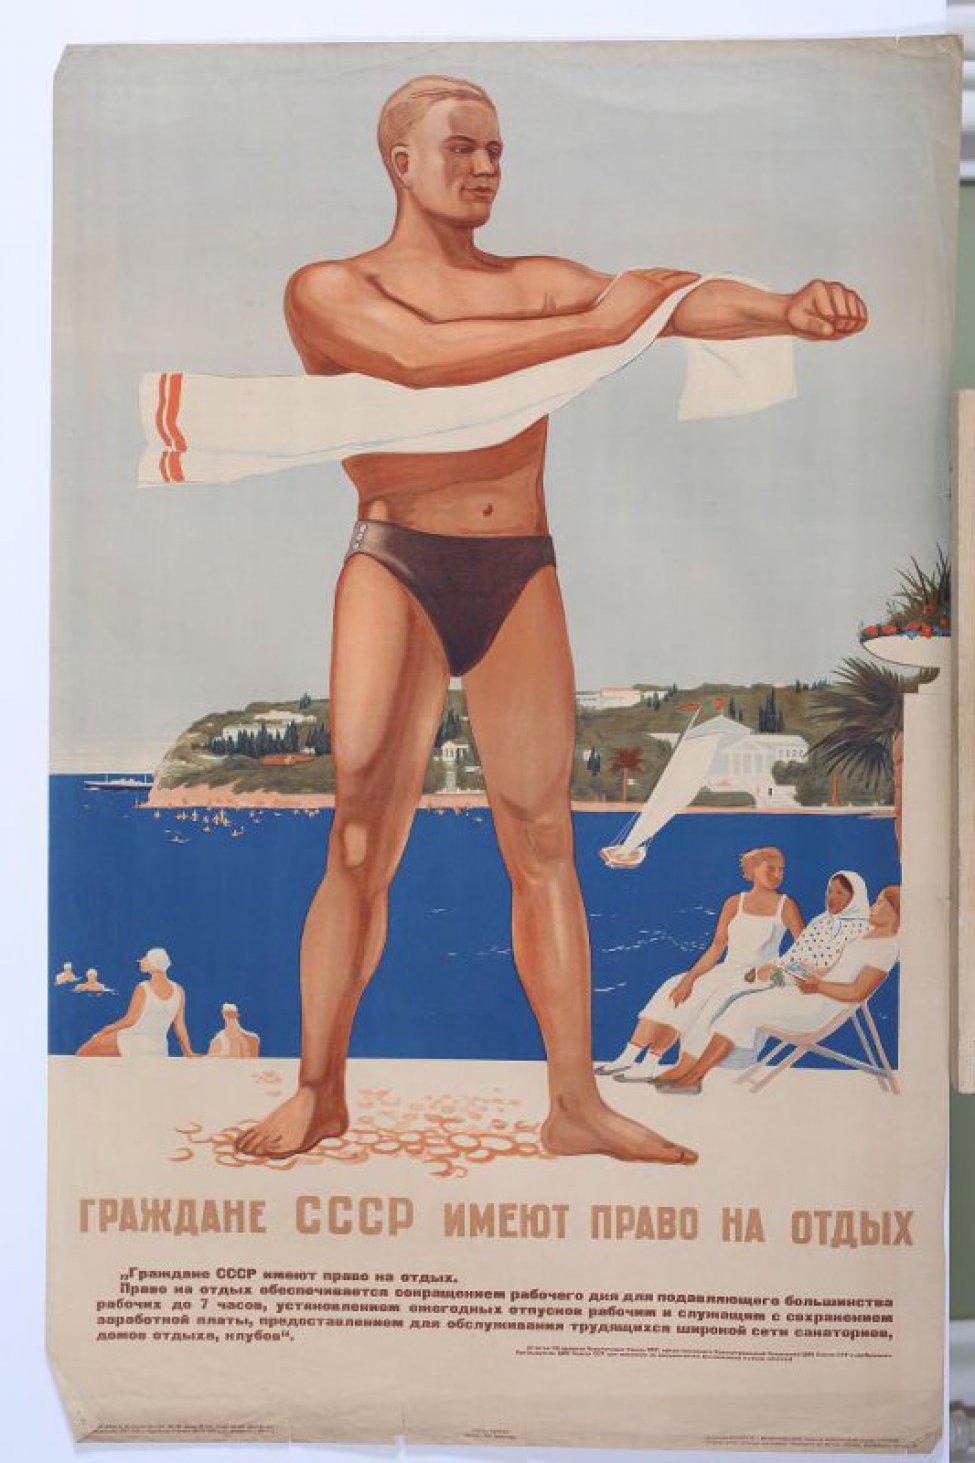 Граждане СССР имеют право на отдых. Говорков